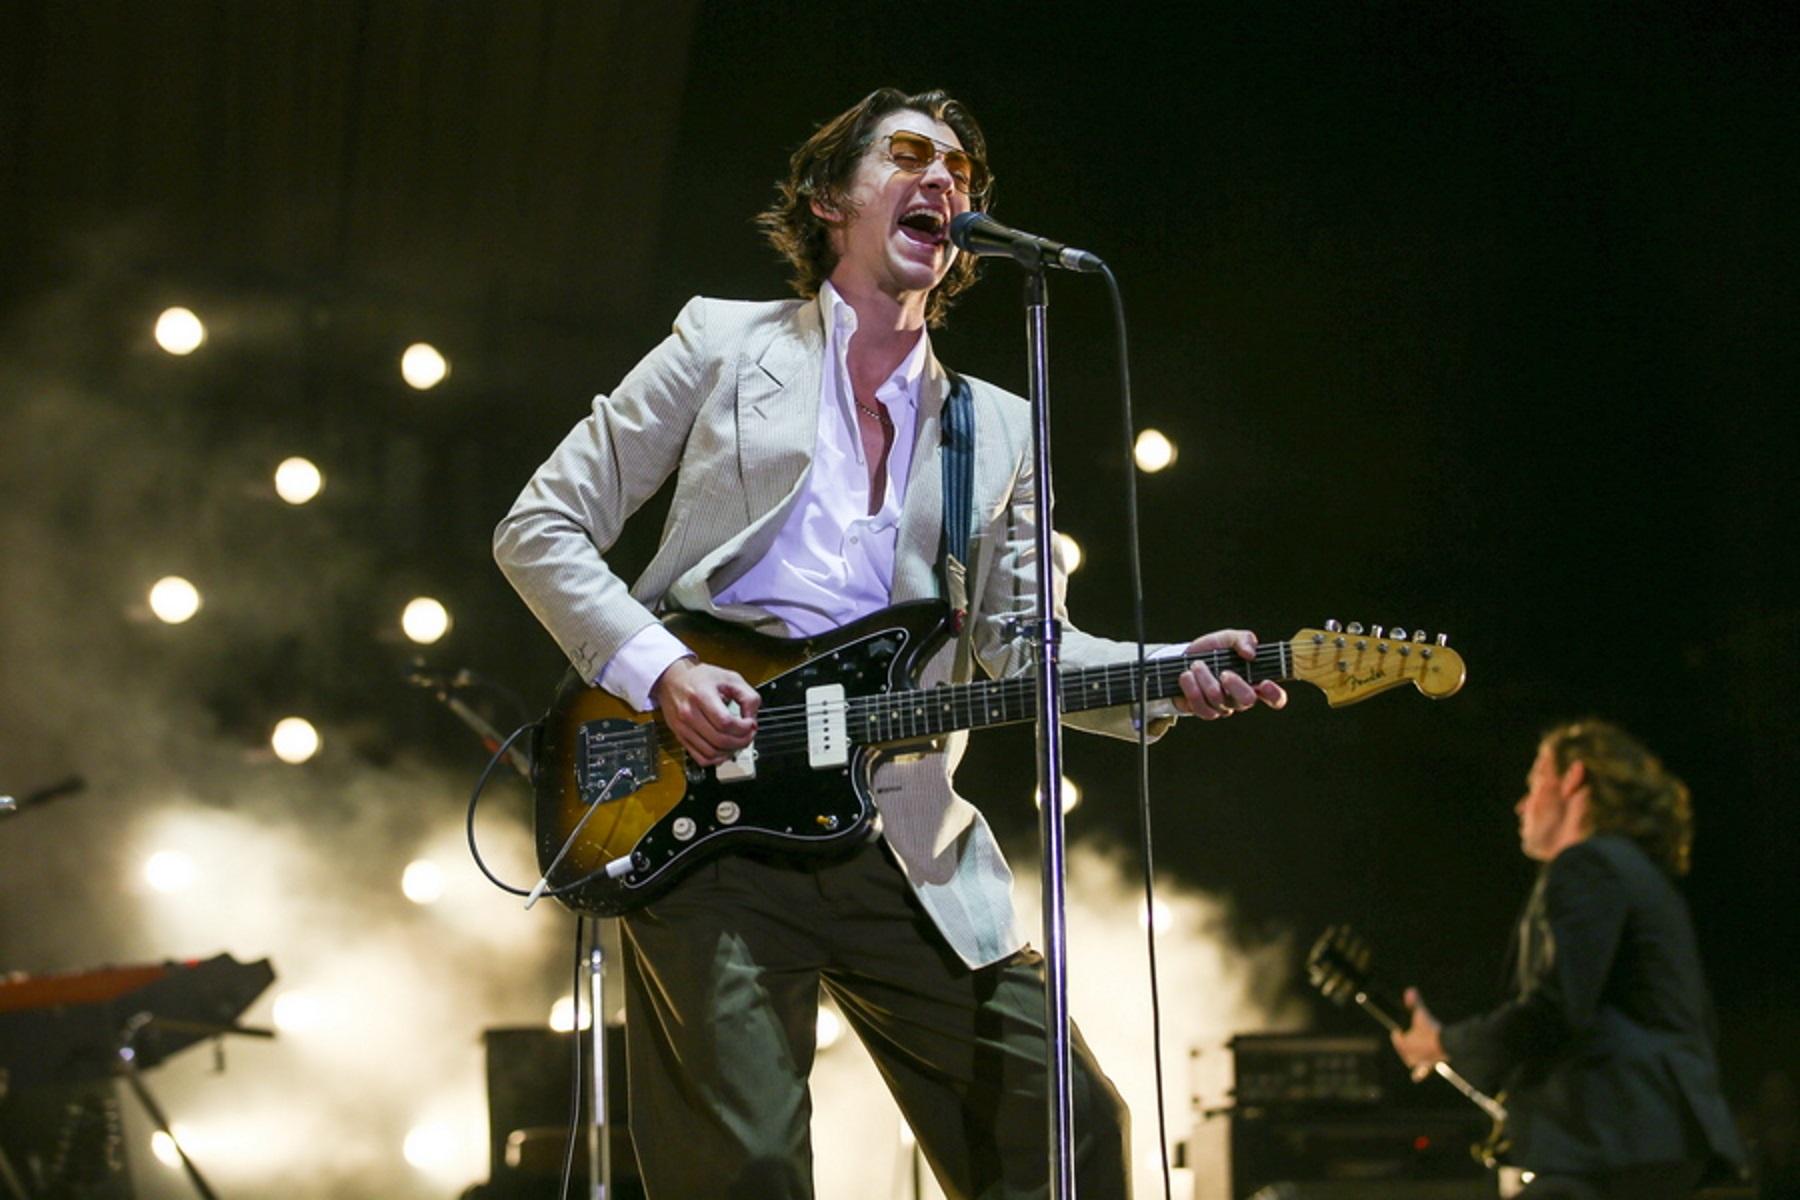 Σπουδαία κίνηση από τους Arctic Monkeys – Συγκεντρώνουν πόρους για τον ιστορικό χώρο συναυλιών Leadmill